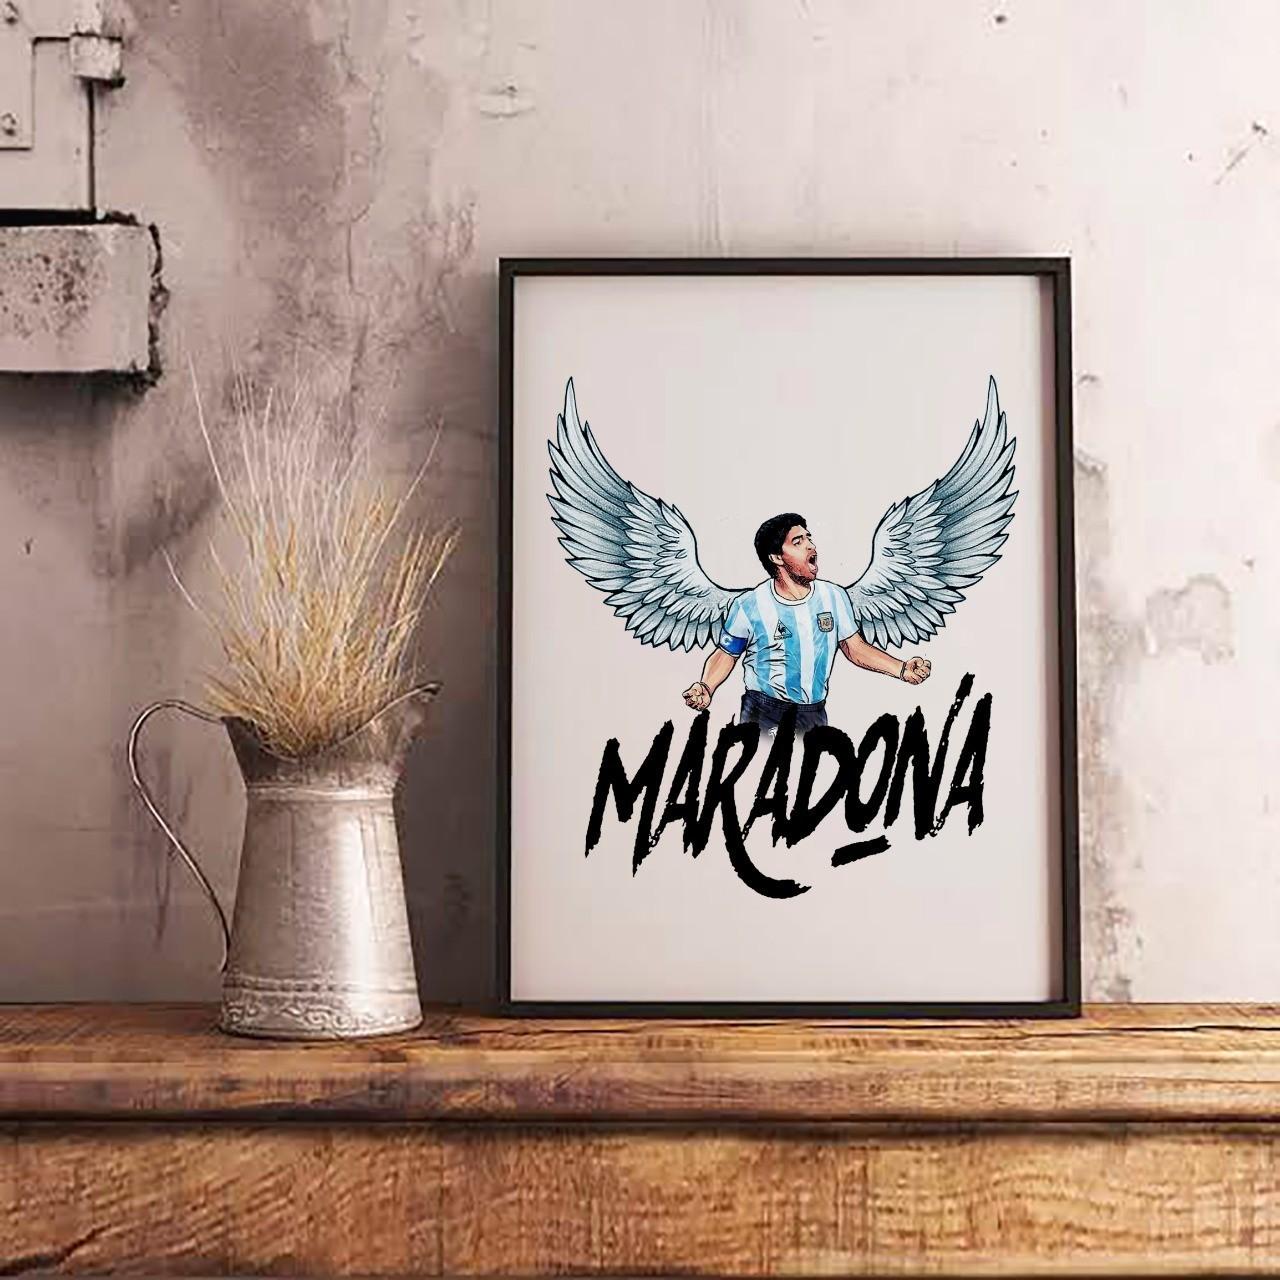 Quadro Com Moldura: Maradona Com Asas - 46x33 - EV